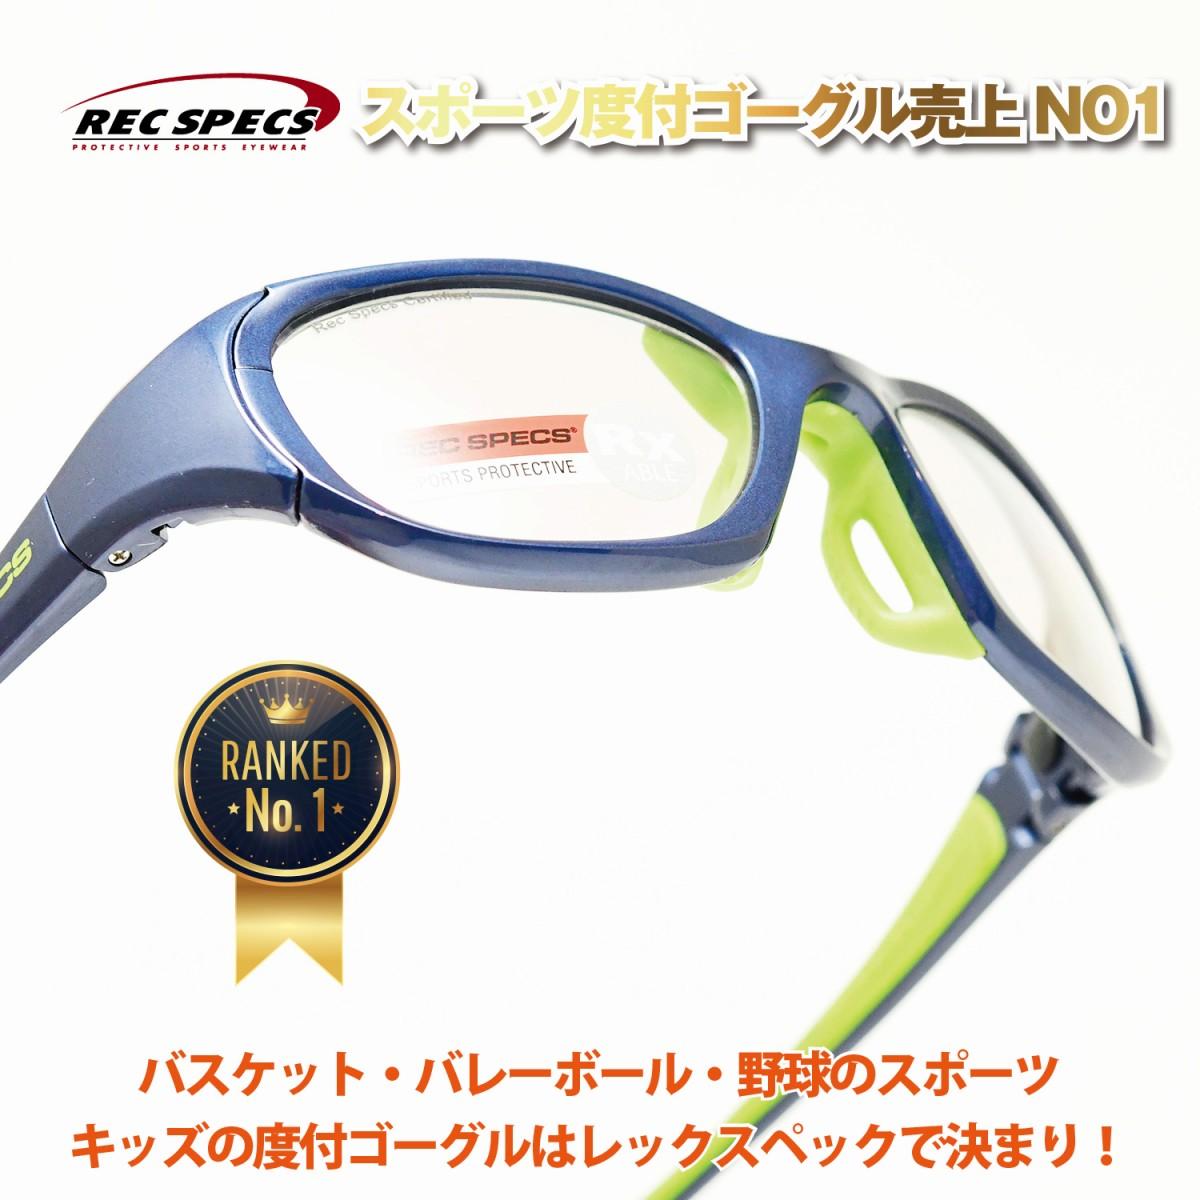 画像1: REC SPECS レックスペックス RS50 アジアンフィット 53サイズ・55サイズ チェンジャブルキット対応モデル (1)